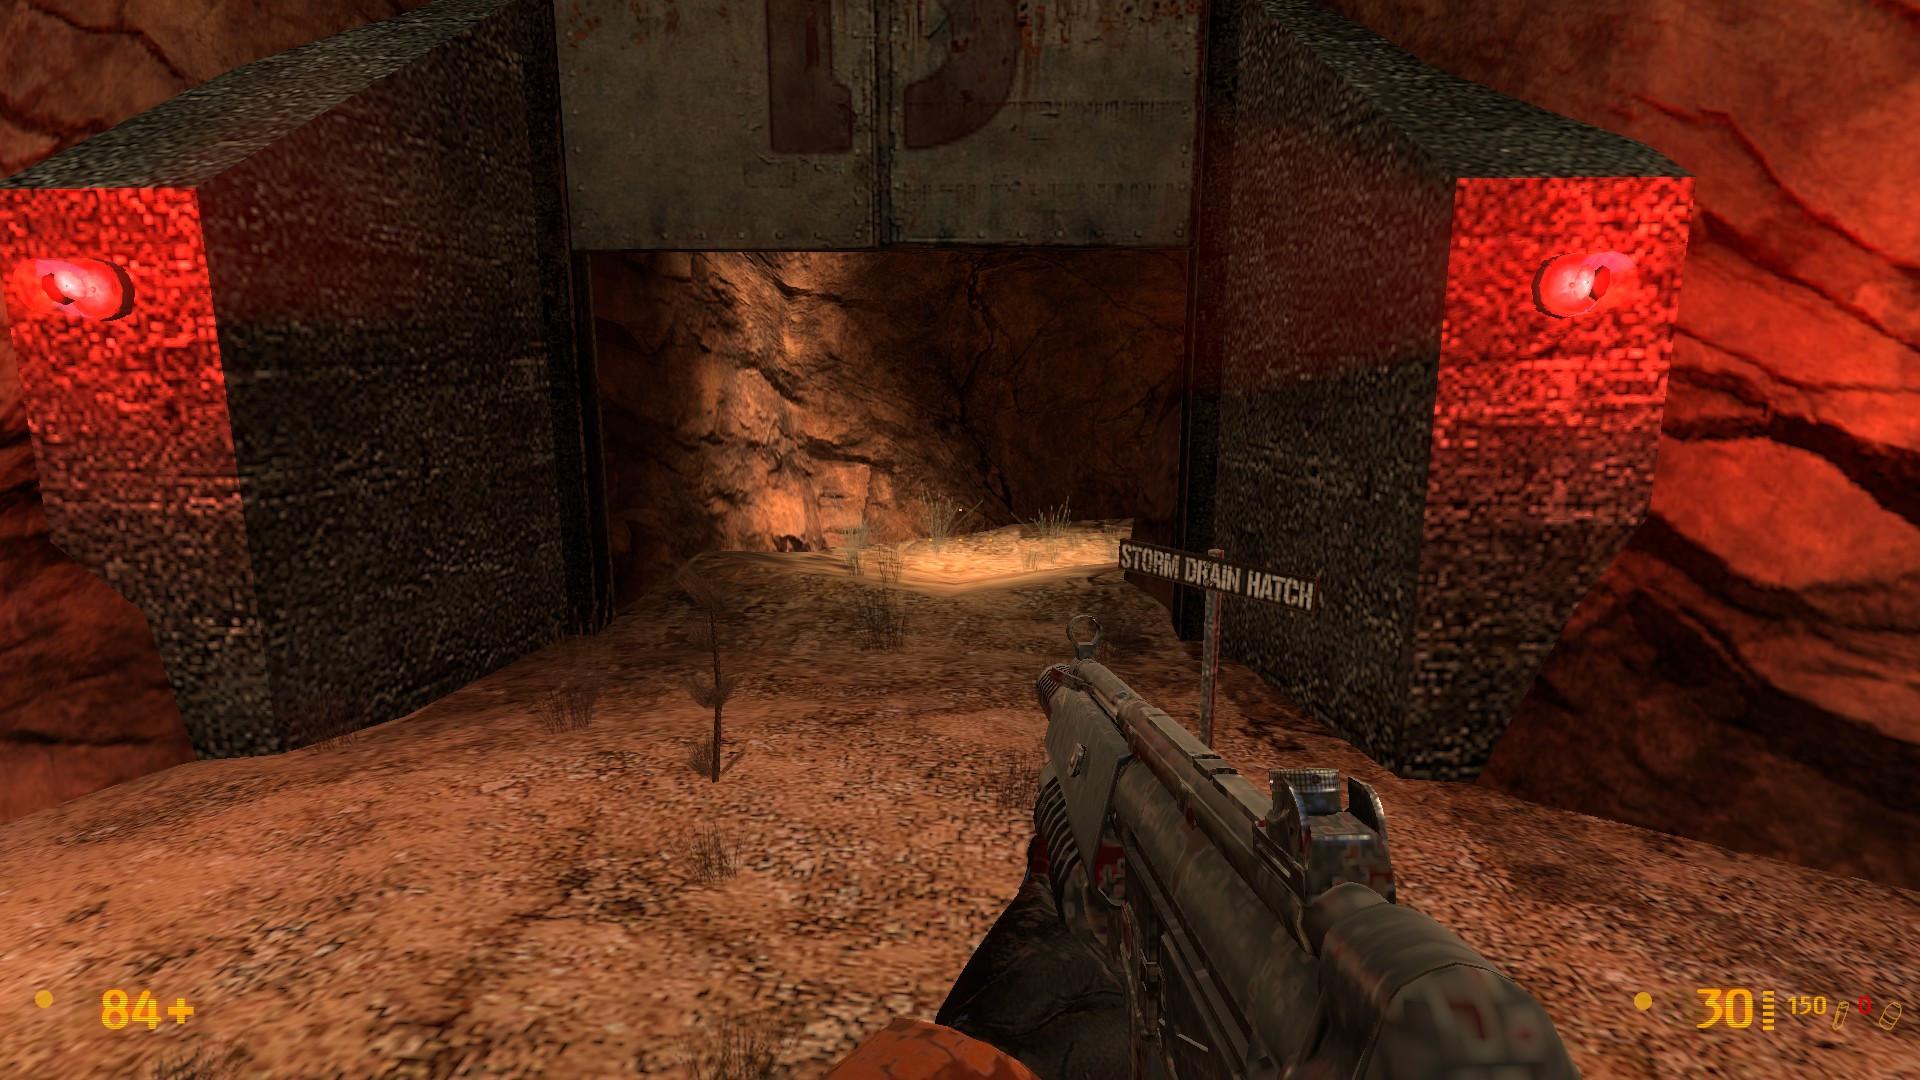 Black Mesa Wallpaper Storm Drain Hatch